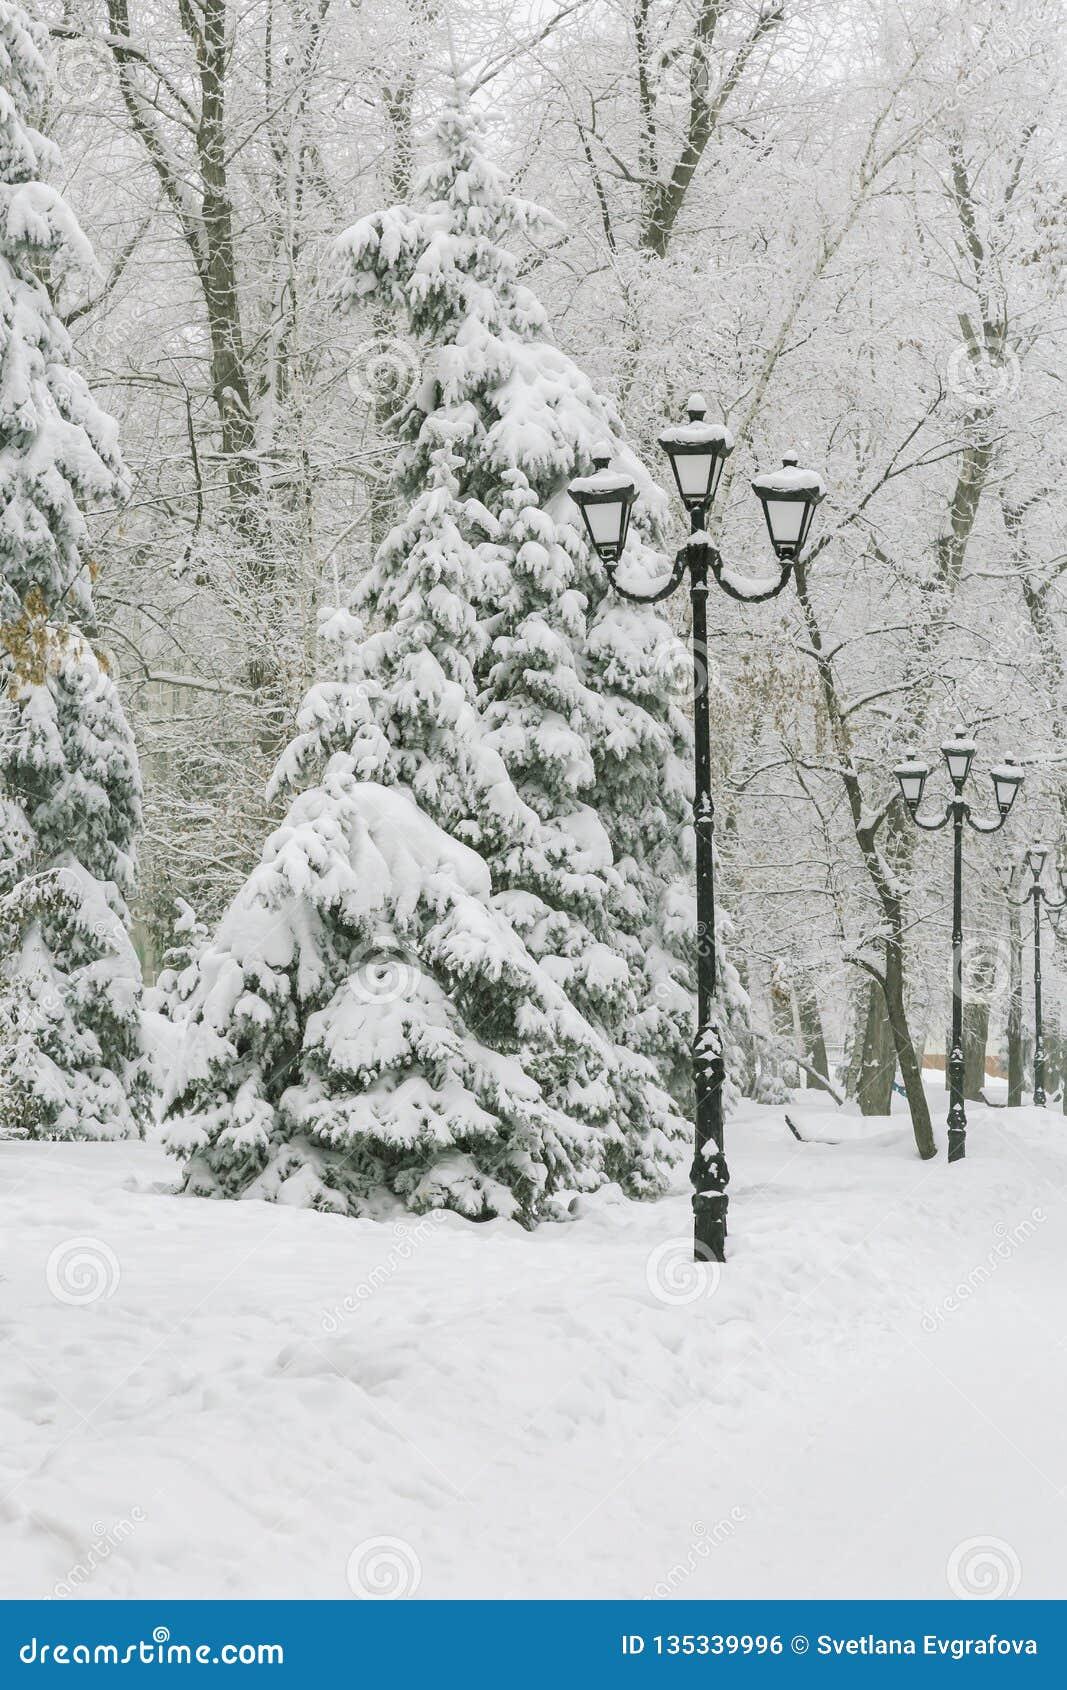 Väder förkylning, vinter i staden Trädfilialer täckte med ny vit snö, och rimfrosten efter snöfall i parkerar på